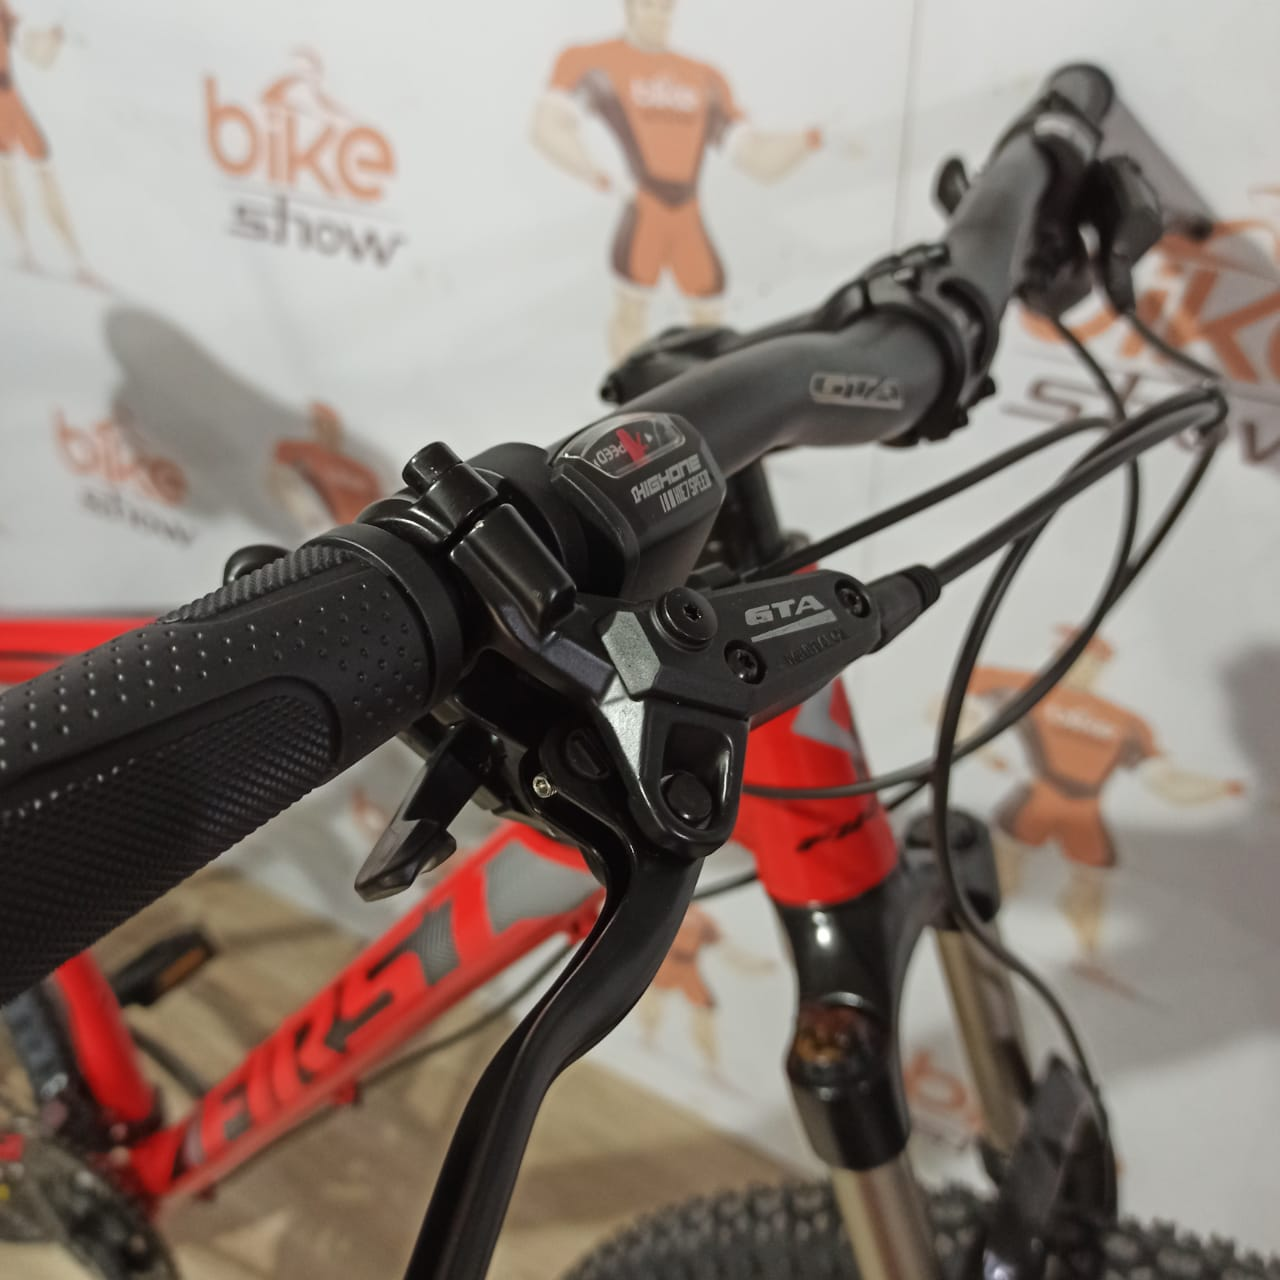 Bicicleta FIRST Shelby aro 29 - 21v Shimano Tourney - Freio Hidráulico - Suspensão Vortex